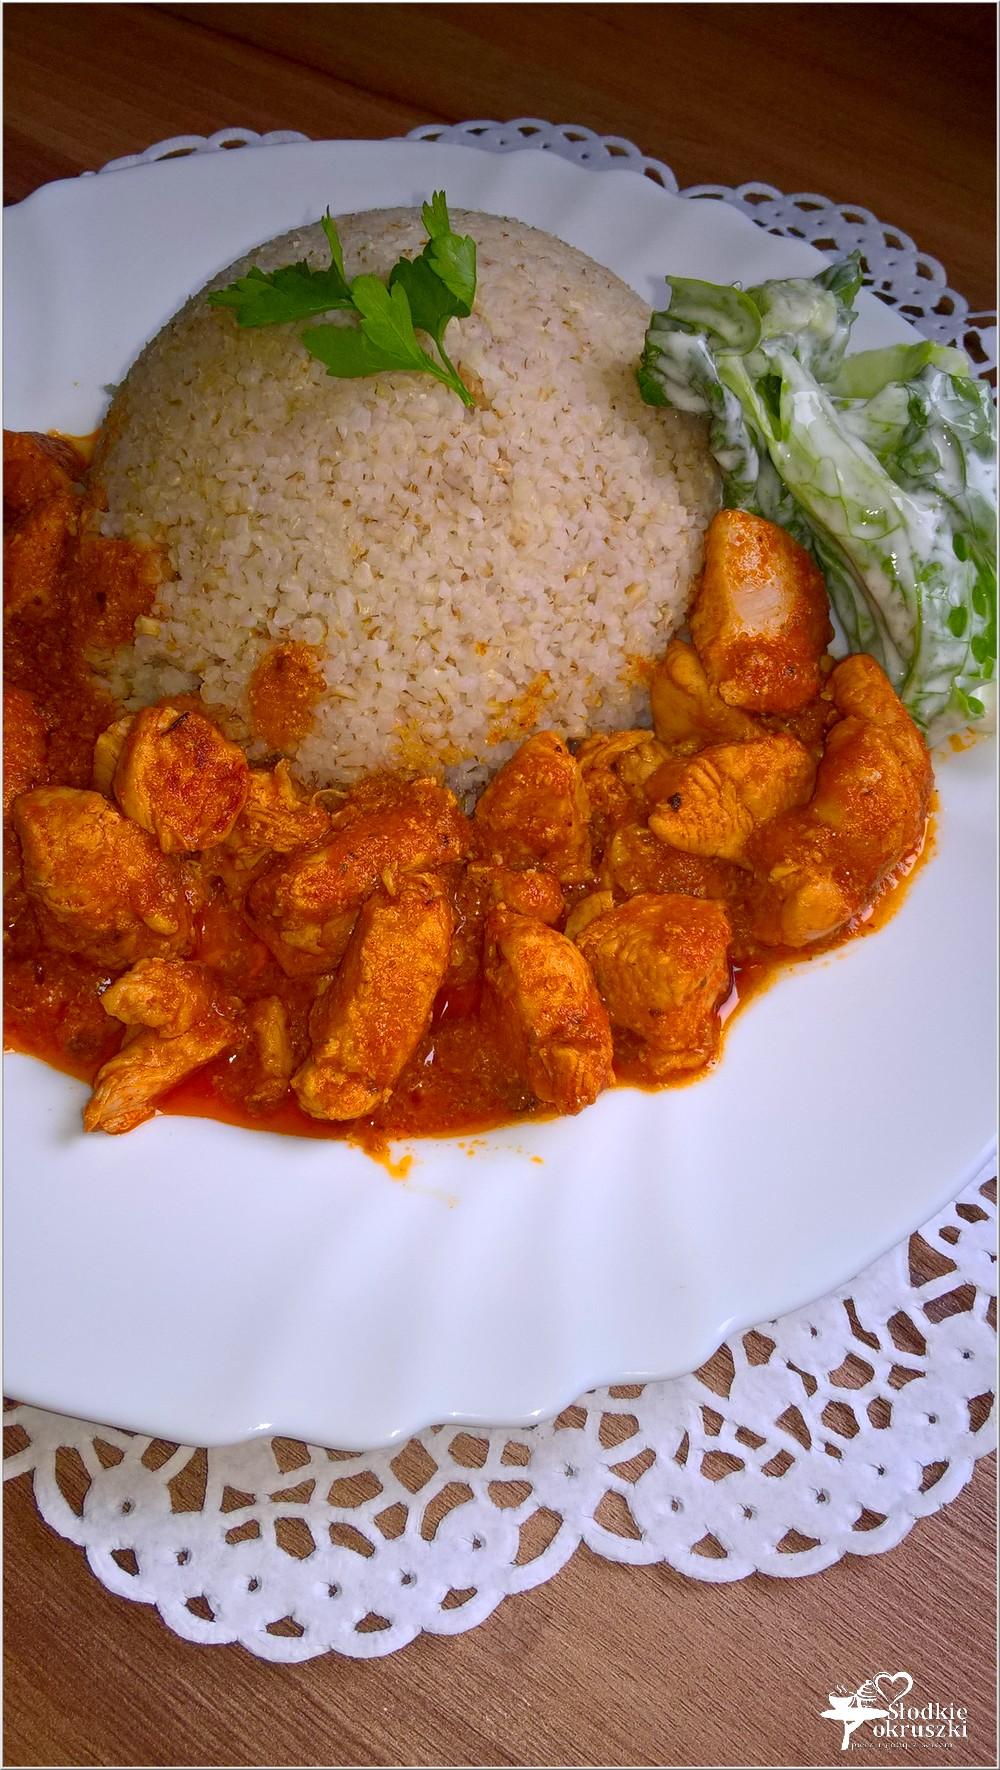 Piersi z kurczaka w pomidorowym sosie podane z kaszą jęczmienną (2)